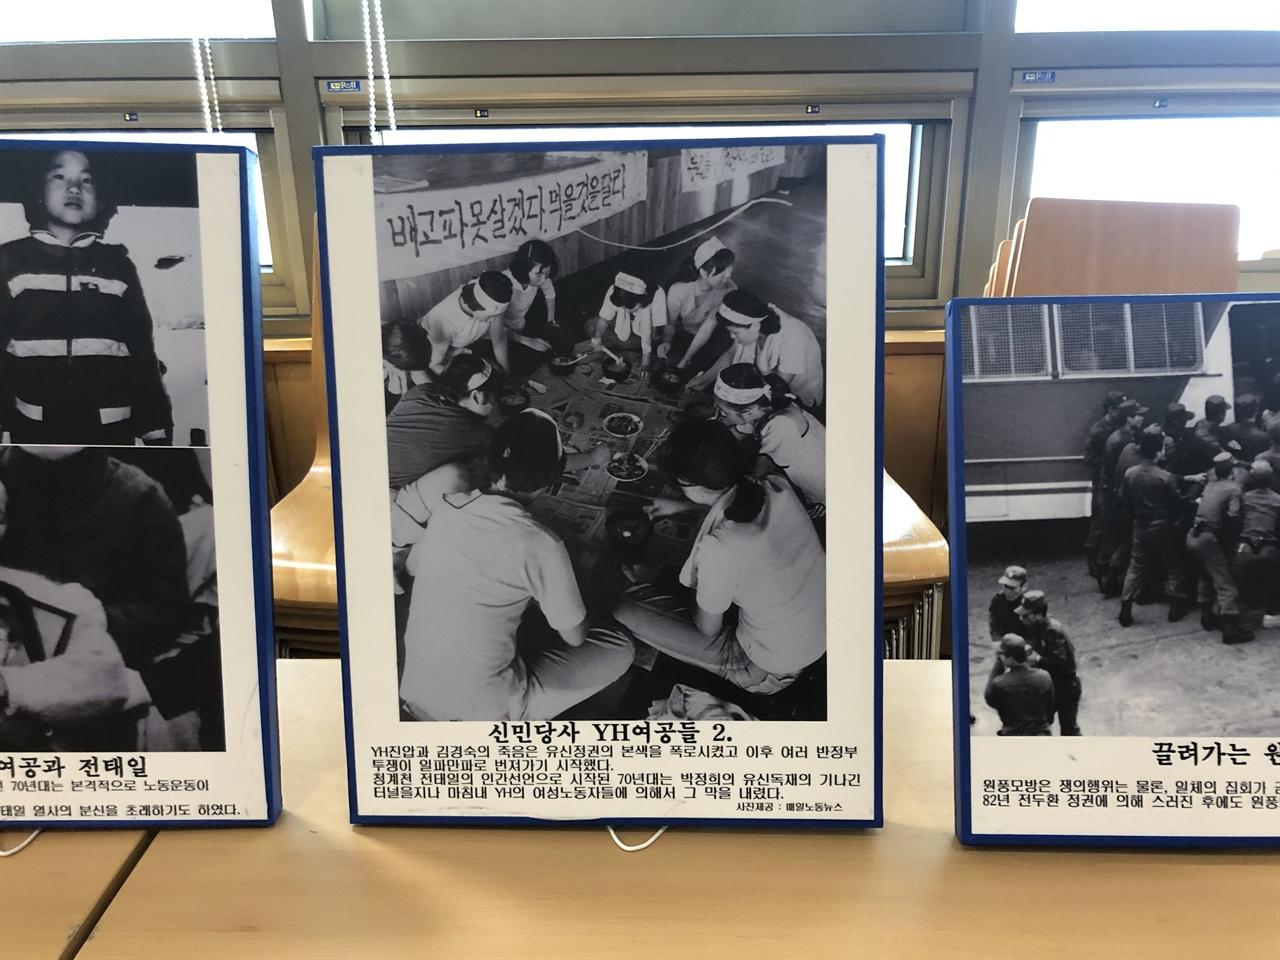 <'여공', 기억에서 역사로> 심포지움에 전시된 70년대 여공들이 투쟁하던 모습을 찍은 사진